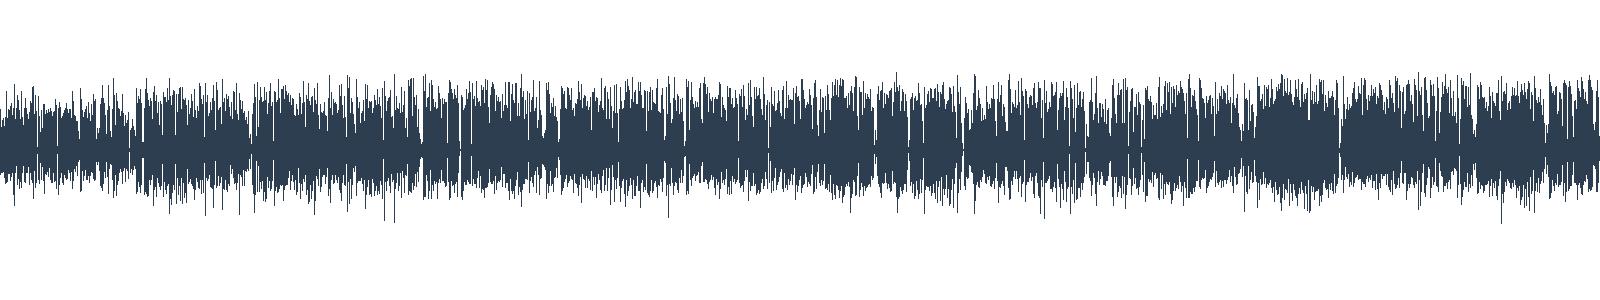 Rozhovor ČRo Plus waveform